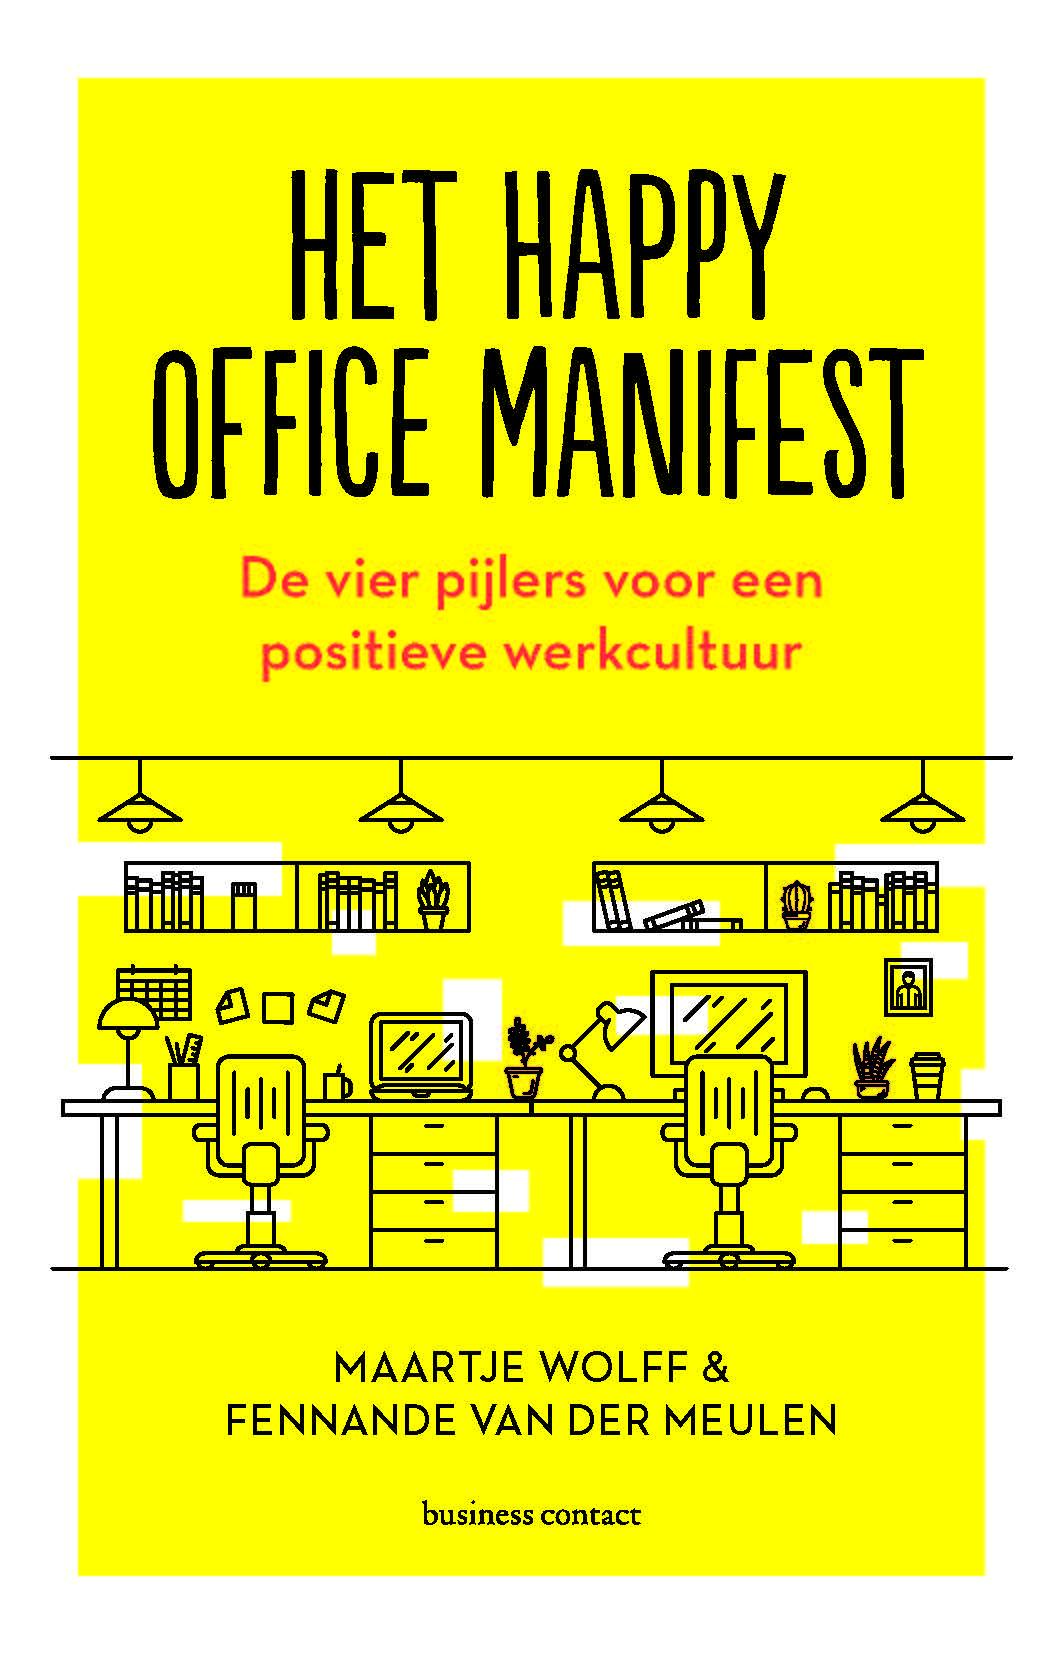 Happy Office Manifest: 4 pijlers van een positieve werkcultuur